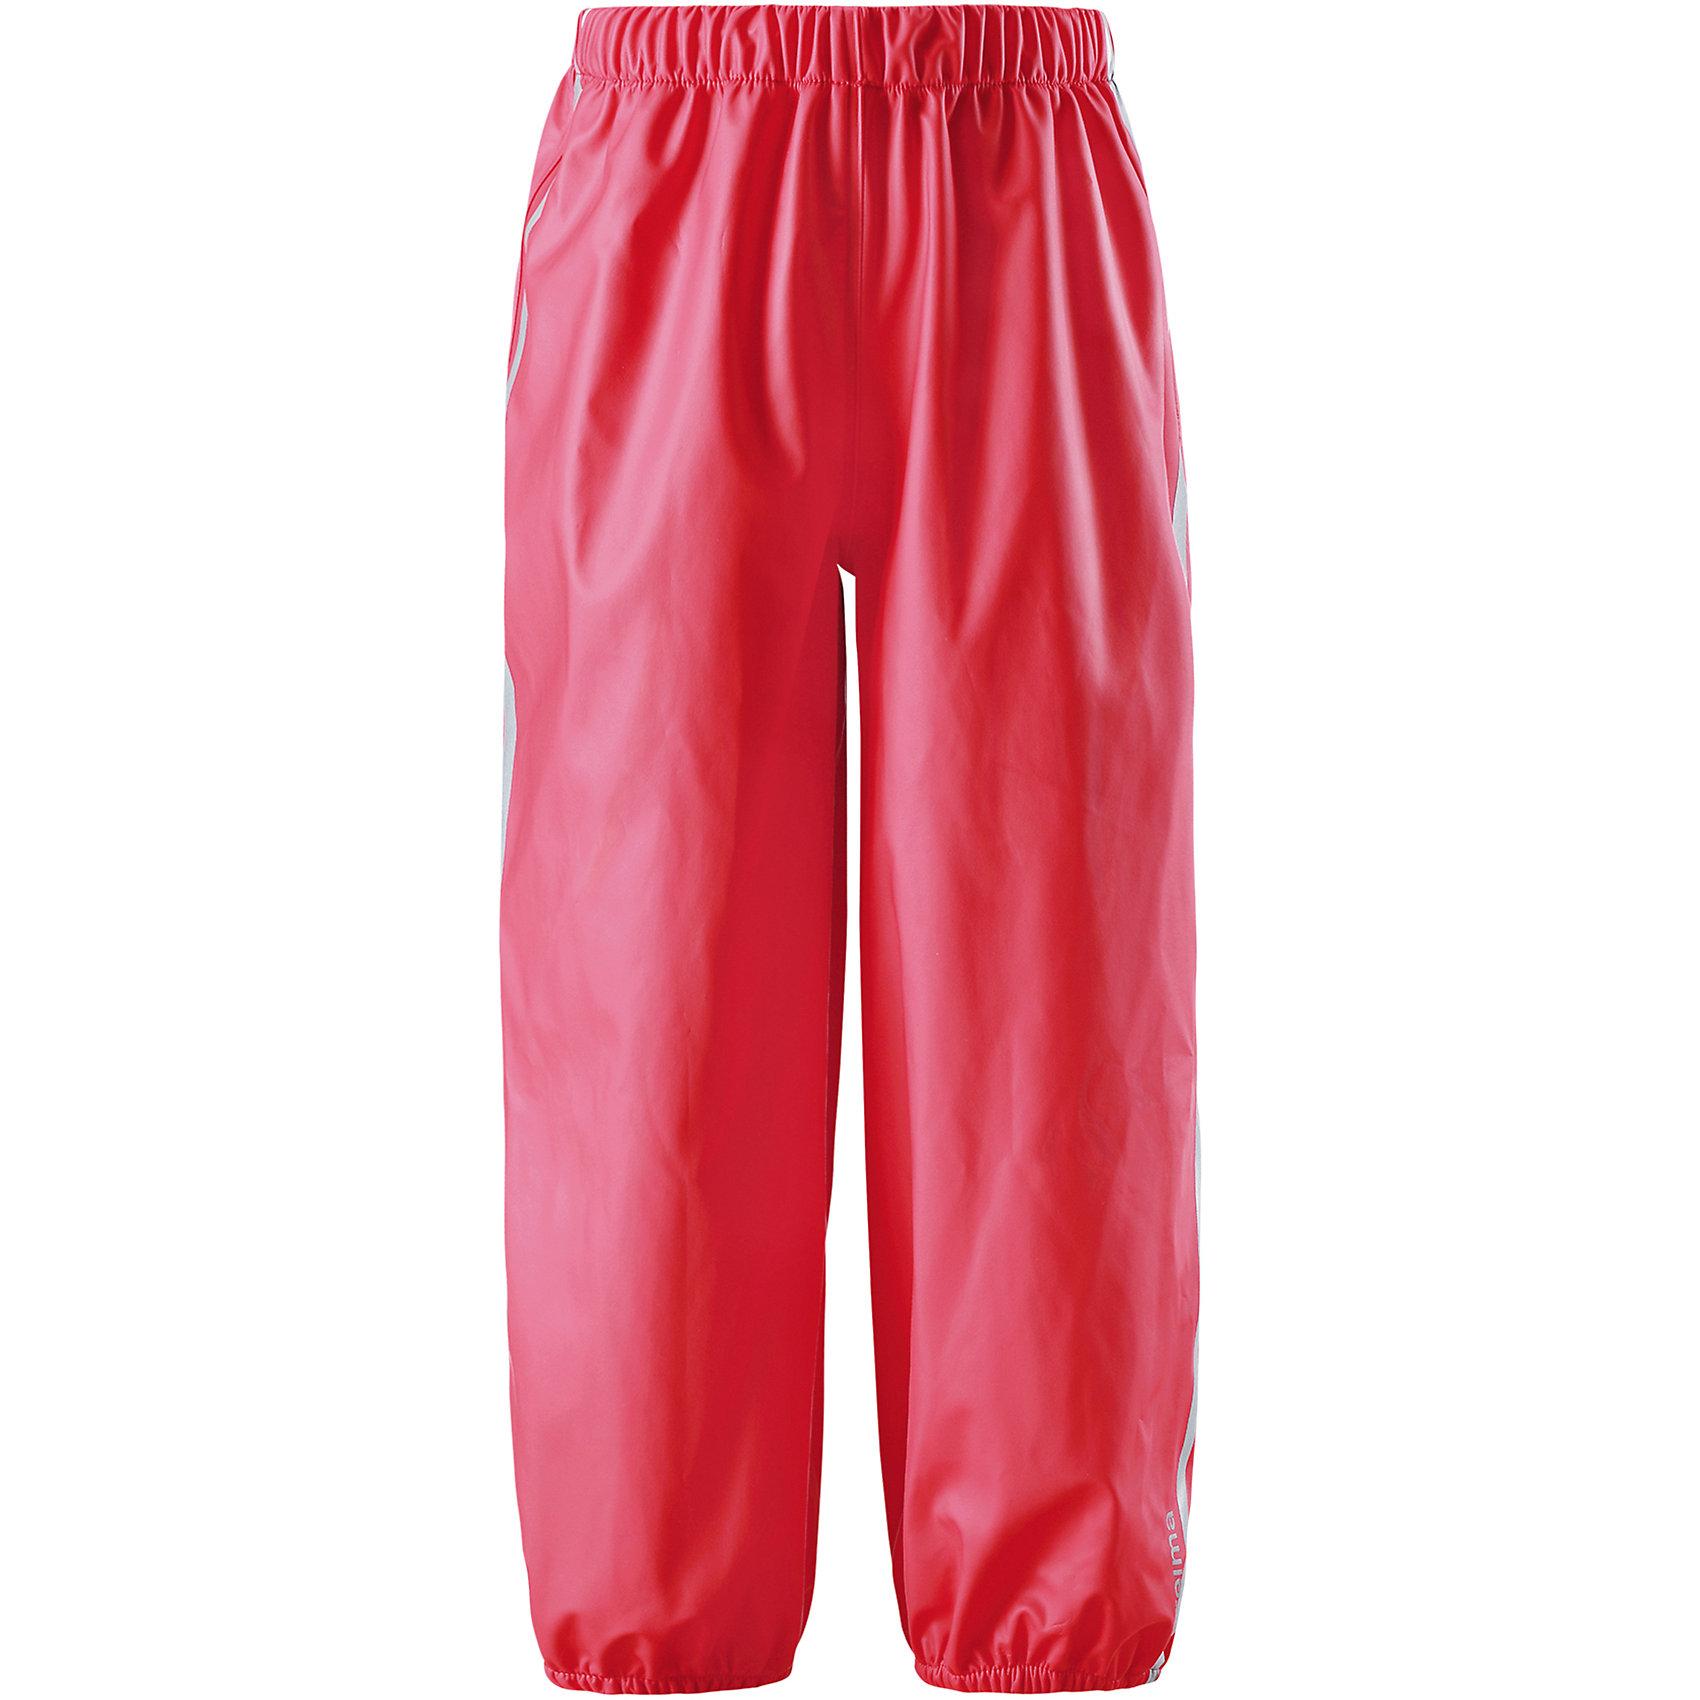 Непромокаемые брюки Oja для девочки  ReimaХарактеристики товара:<br><br>• цвет: красный<br>• состав: 100% полиэстер, полиуретановое покрытие<br>• температурный режим: от +10°до +20°С<br>• водонепроницаемость: 10000 мм<br>• без утеплителя<br>• эластичный материал<br>• водонепроницаемый материал с запаянными швами<br>• не содержит ПВХ<br>• эластичная талия<br>• эластичные манжеты на брючинах<br>• комфортная посадка<br>• съемные штрипки в размерах от 104 до 128 см<br>• светоотражающие детали<br>• страна производства: Китай<br>• страна бренда: Финляндия<br>• коллекция: весна-лето 2017<br><br>Демисезонные брюки помогут обеспечить ребенку комфорт и тепло. Они отлично смотрятся с различным верхом. Изделие удобно сидит и модно выглядит. Материал отлично подходит для дождливой погоды. Стильный дизайн разрабатывался специально для детей.<br><br>Обувь и одежда от финского бренда Reima пользуются популярностью во многих странах. Они стильные, качественные и удобные. Для производства продукции используются только безопасные, проверенные материалы и фурнитура. Порадуйте ребенка модными и красивыми вещами от Lassie®! <br><br>Брюки от финского бренда Reima (Рейма) можно купить в нашем интернет-магазине.<br><br>Ширина мм: 215<br>Глубина мм: 88<br>Высота мм: 191<br>Вес г: 336<br>Цвет: красный<br>Возраст от месяцев: 60<br>Возраст до месяцев: 72<br>Пол: Женский<br>Возраст: Детский<br>Размер: 116,122,128,134,140,104,110<br>SKU: 5268242